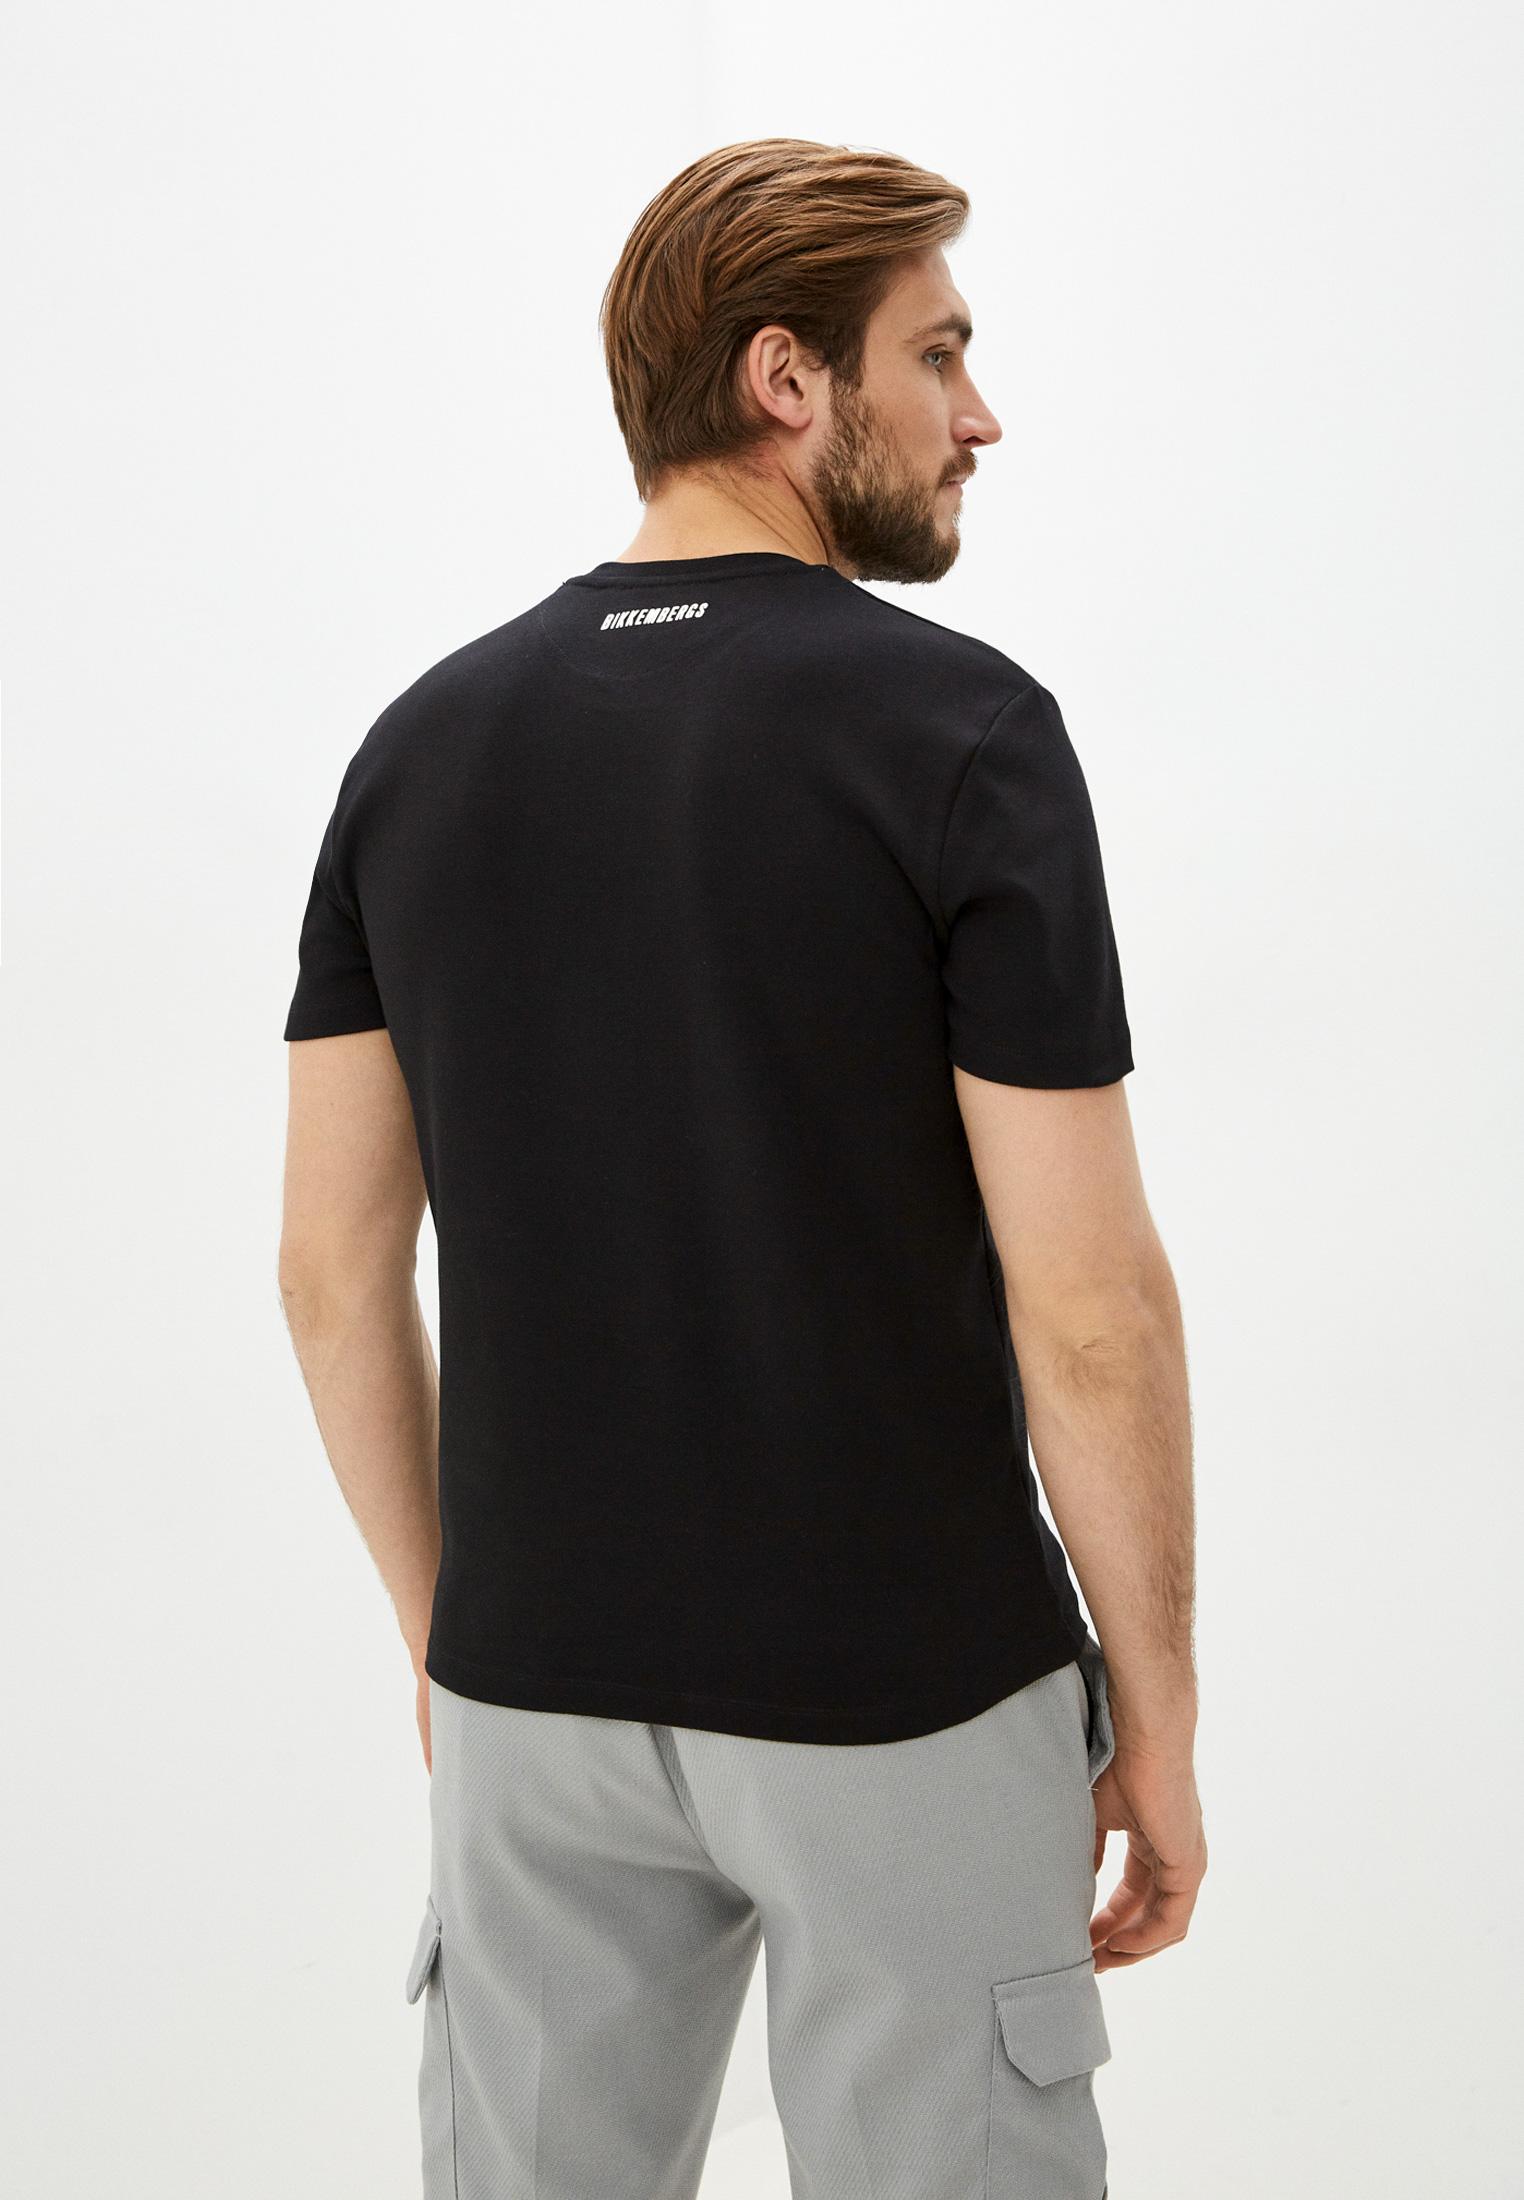 Мужская футболка Bikkembergs (Биккембергс) C 4 101 59 E 2298: изображение 4